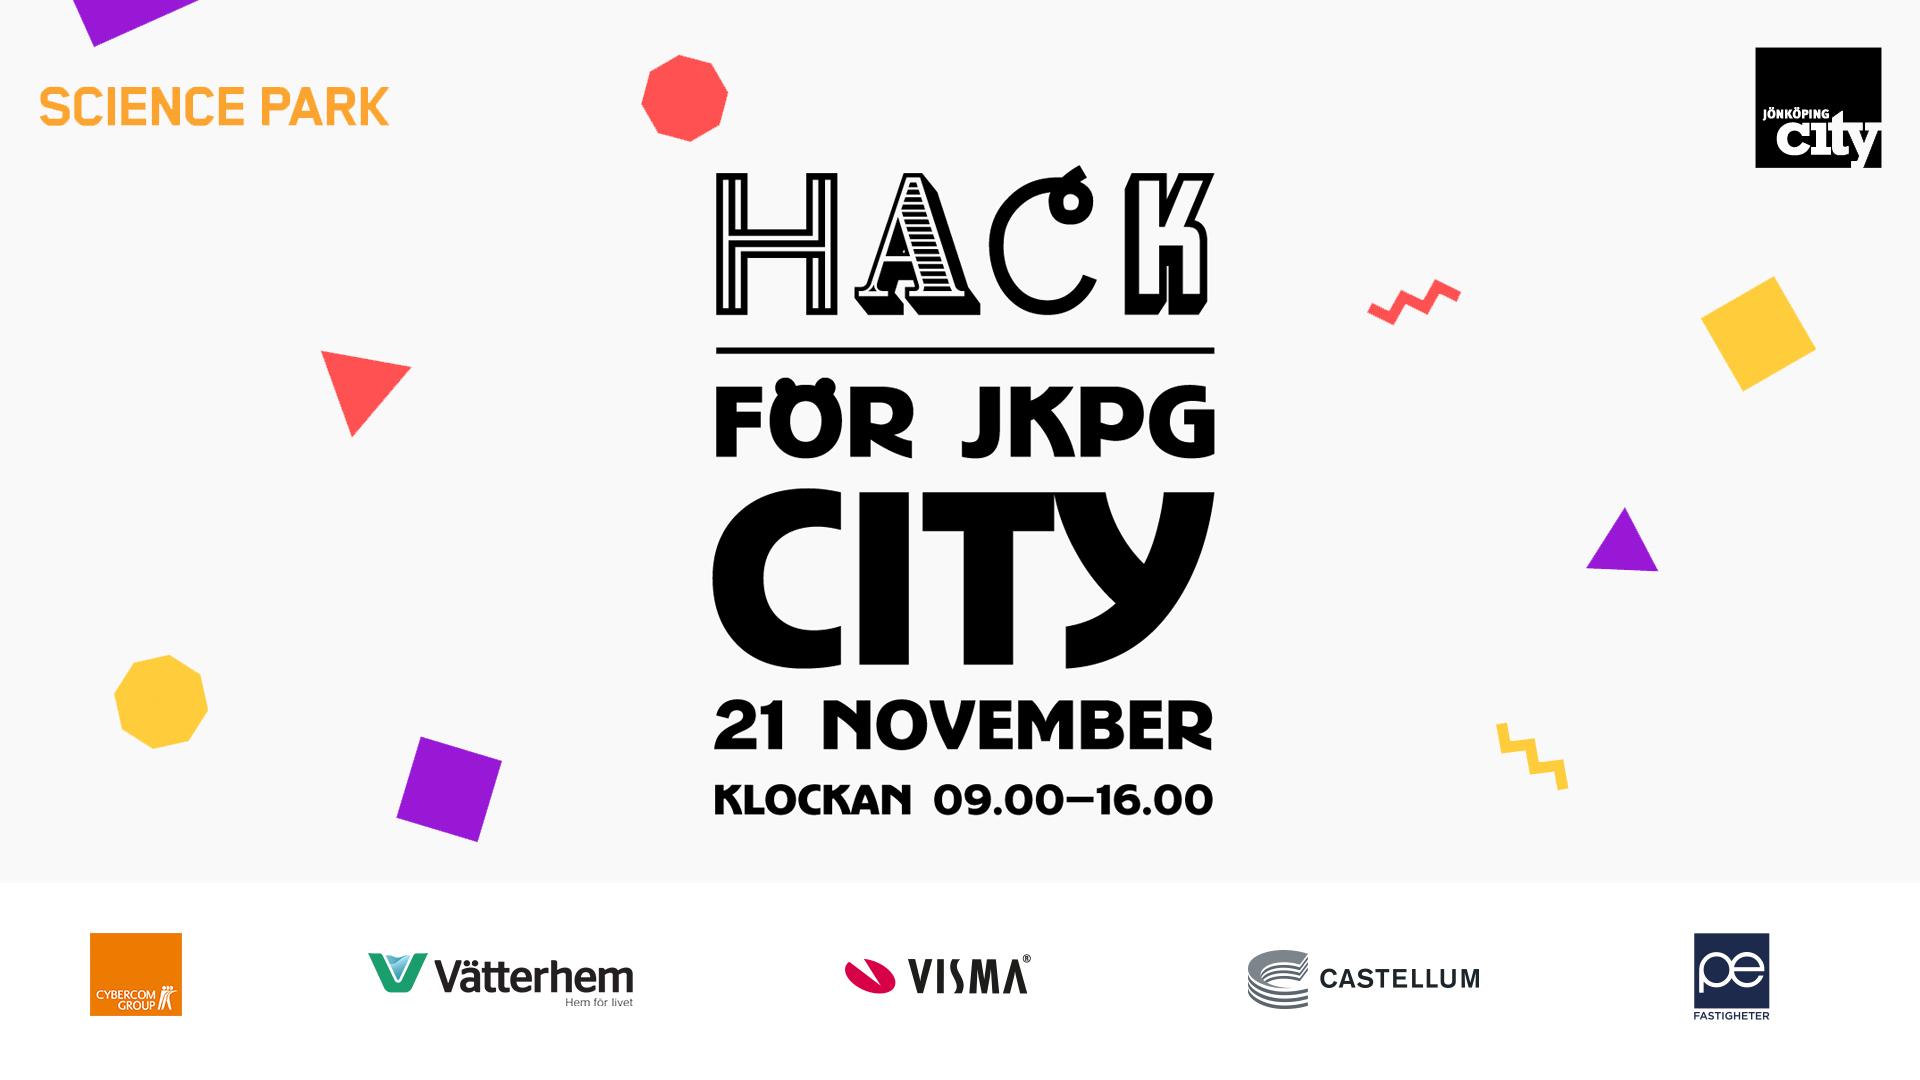 """grafisk bild med texten """"hack för jkpg city"""" 21 november klockan 09.00-16.00"""